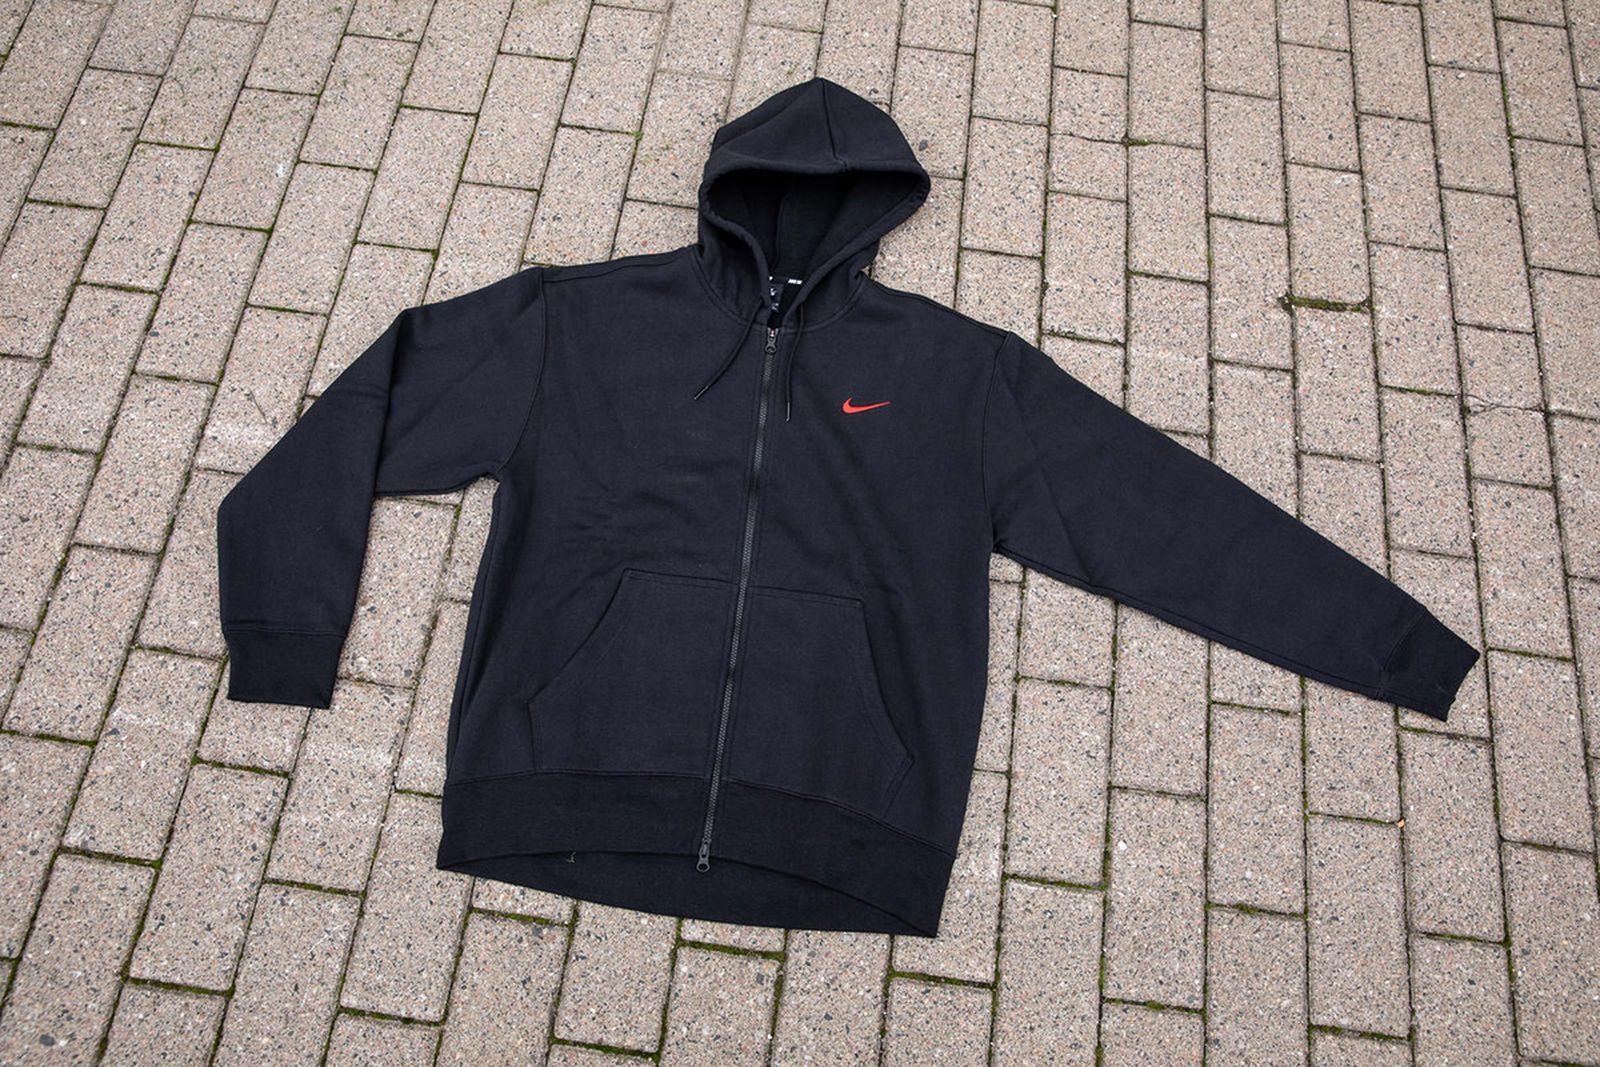 Nike SB Oski Orange Label jacket